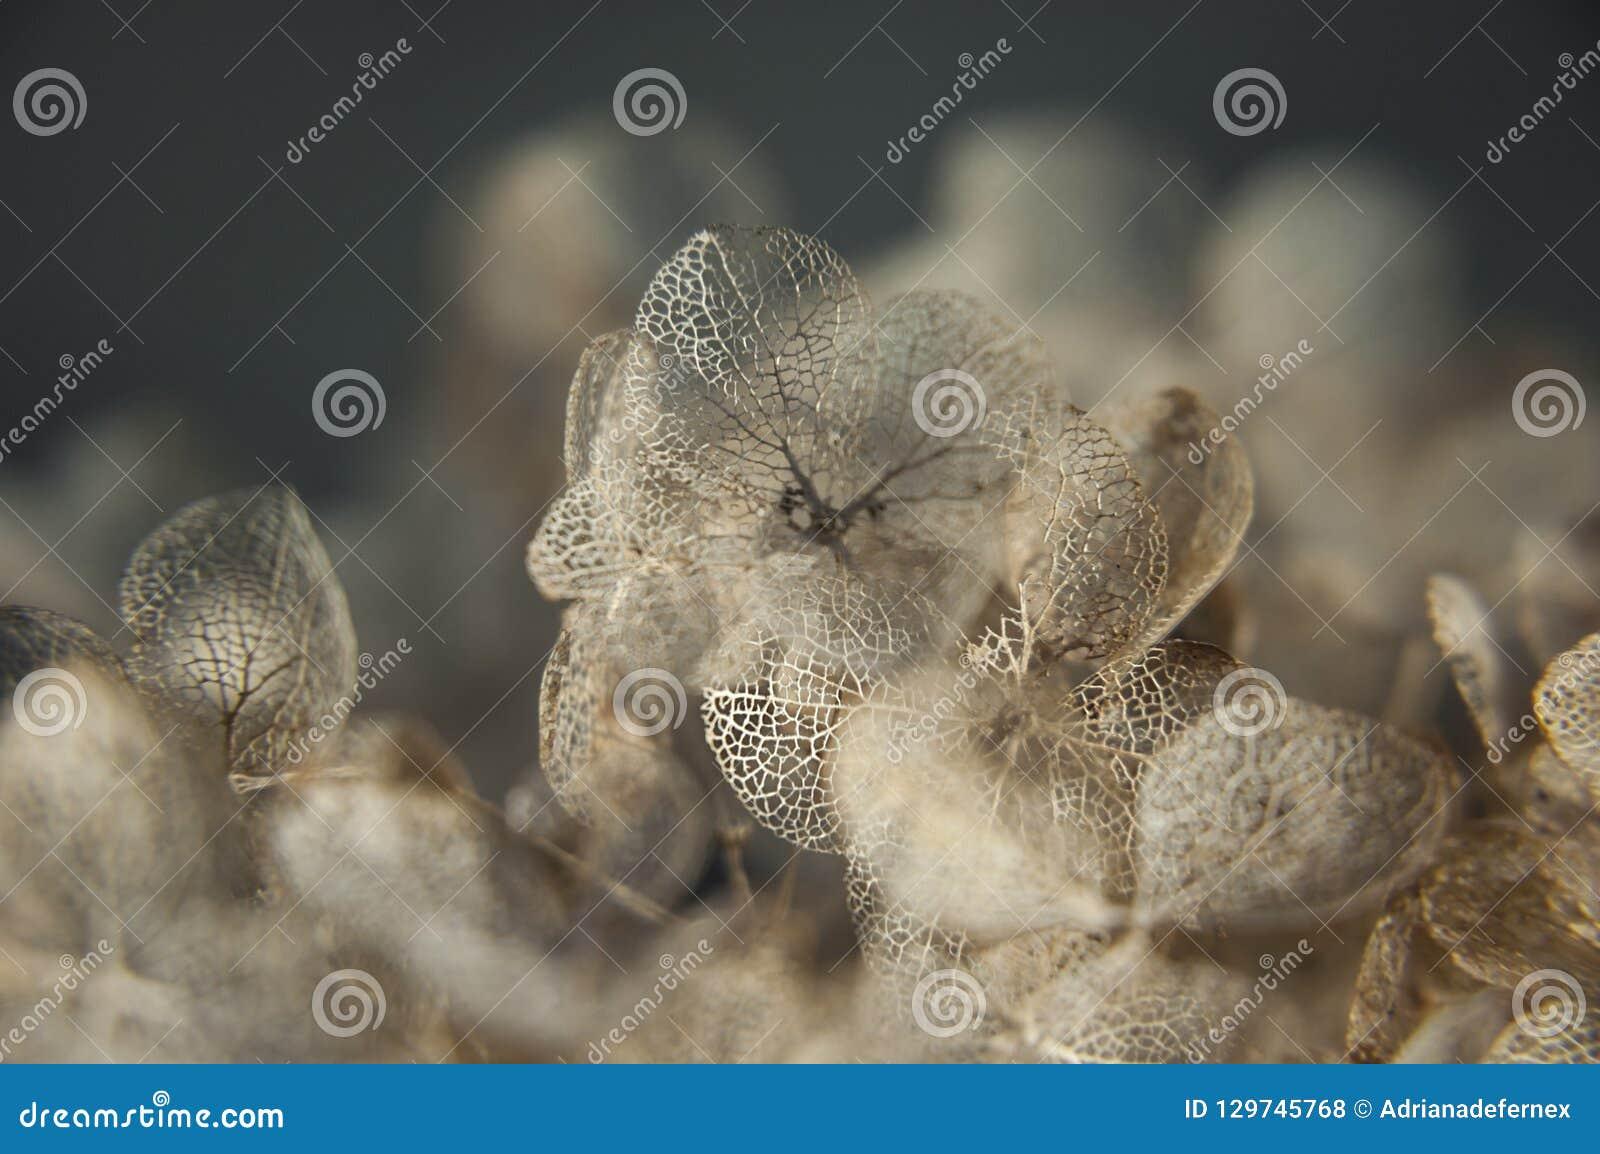 Hortênsia secada ou bordado extremamente refinado